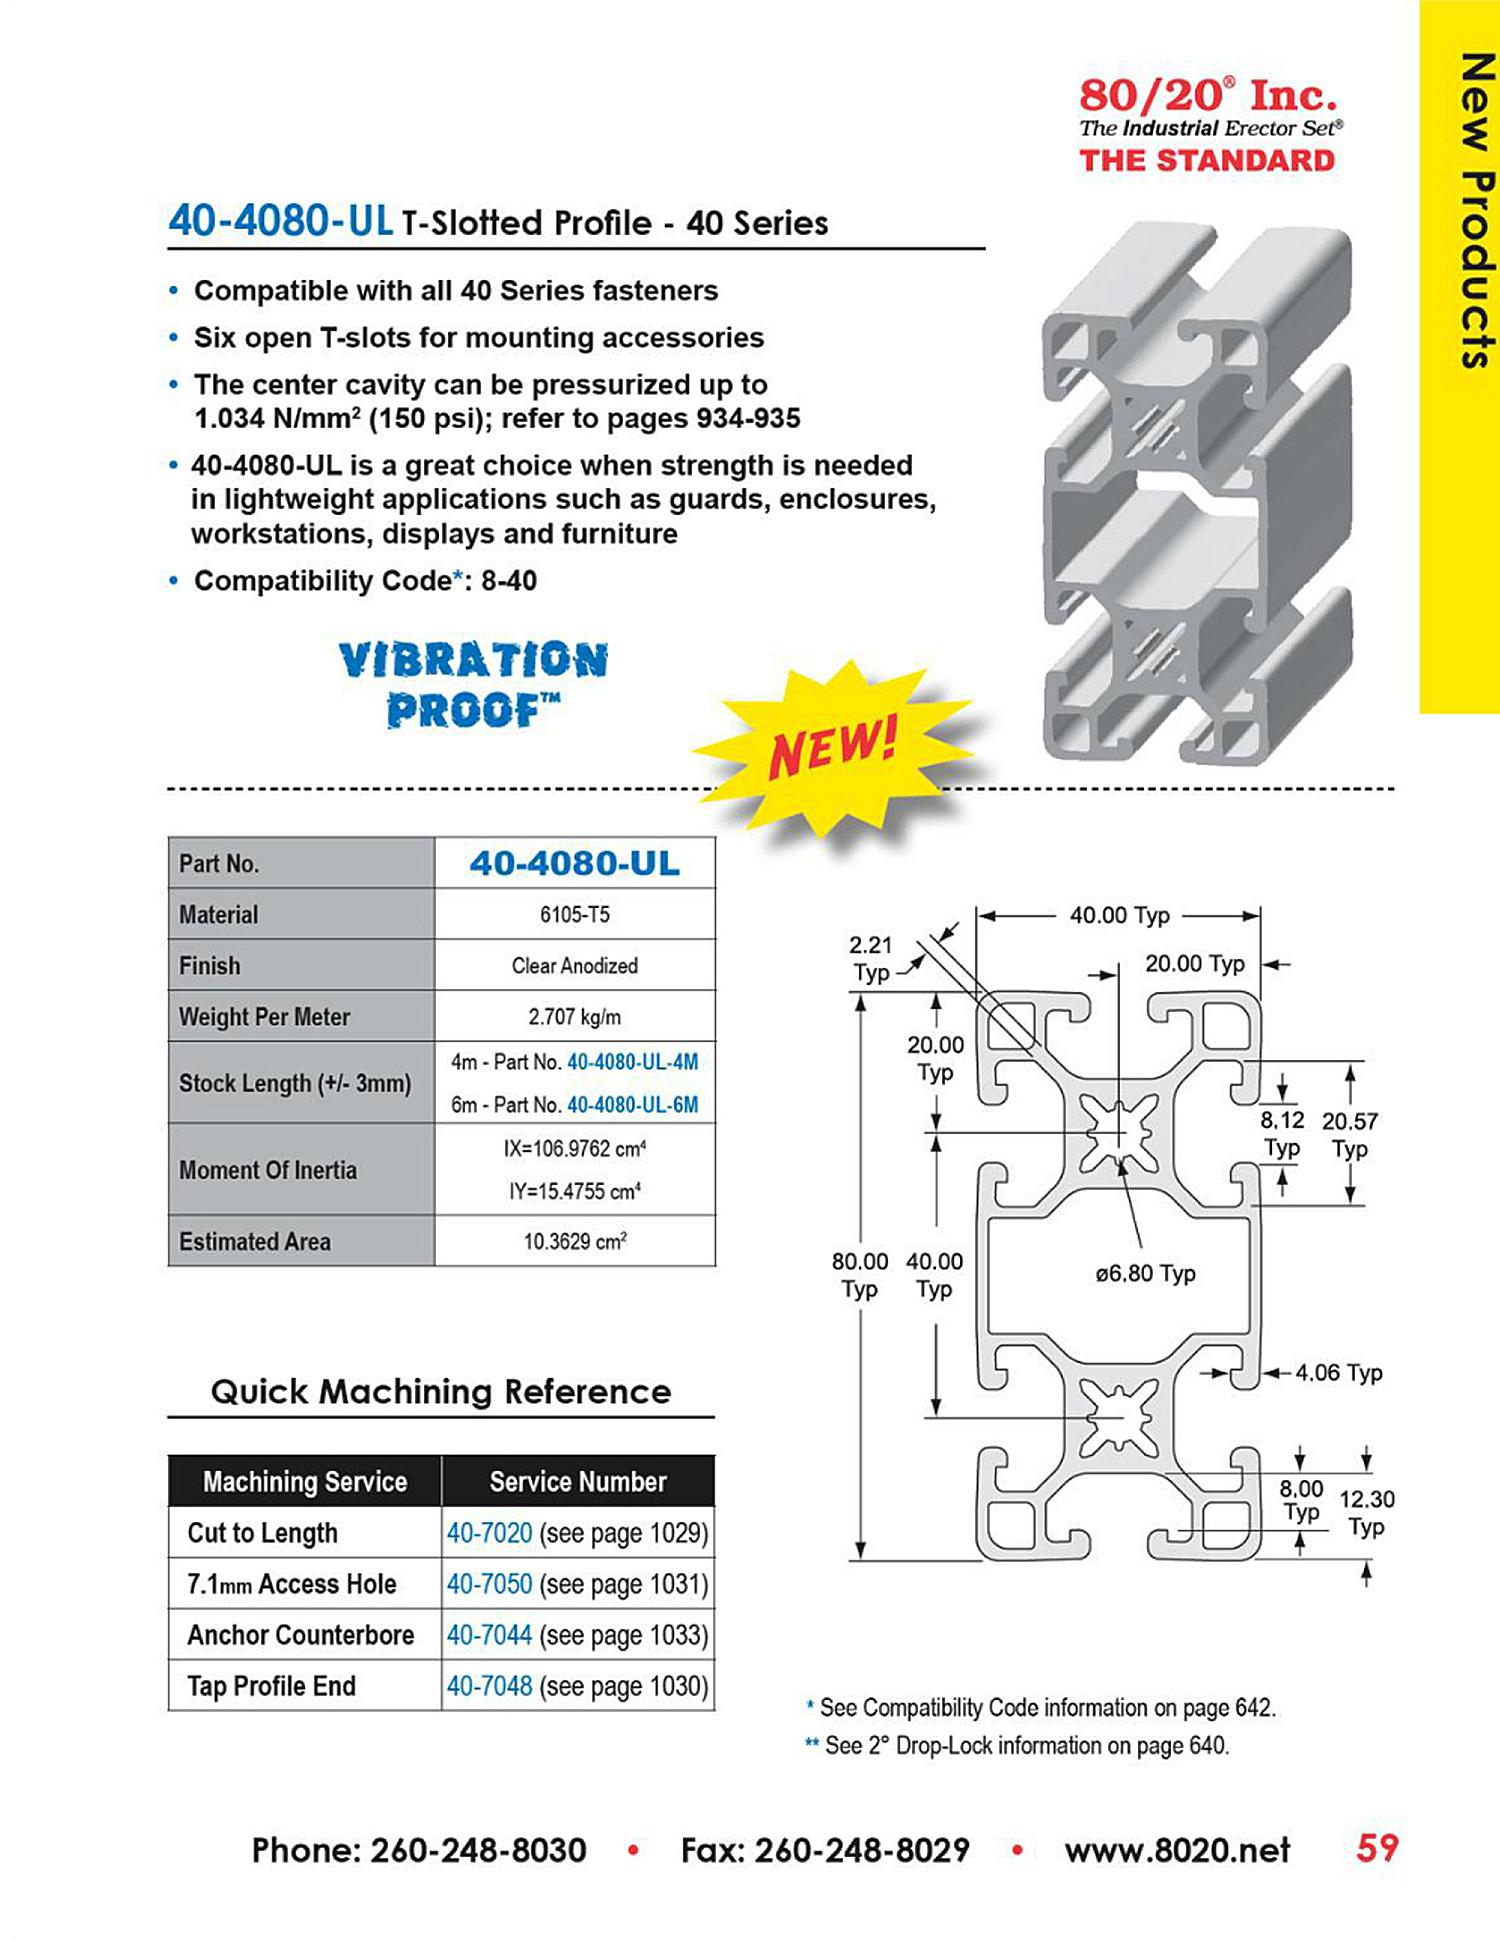 40-4080-UL-aluminum-extrusion